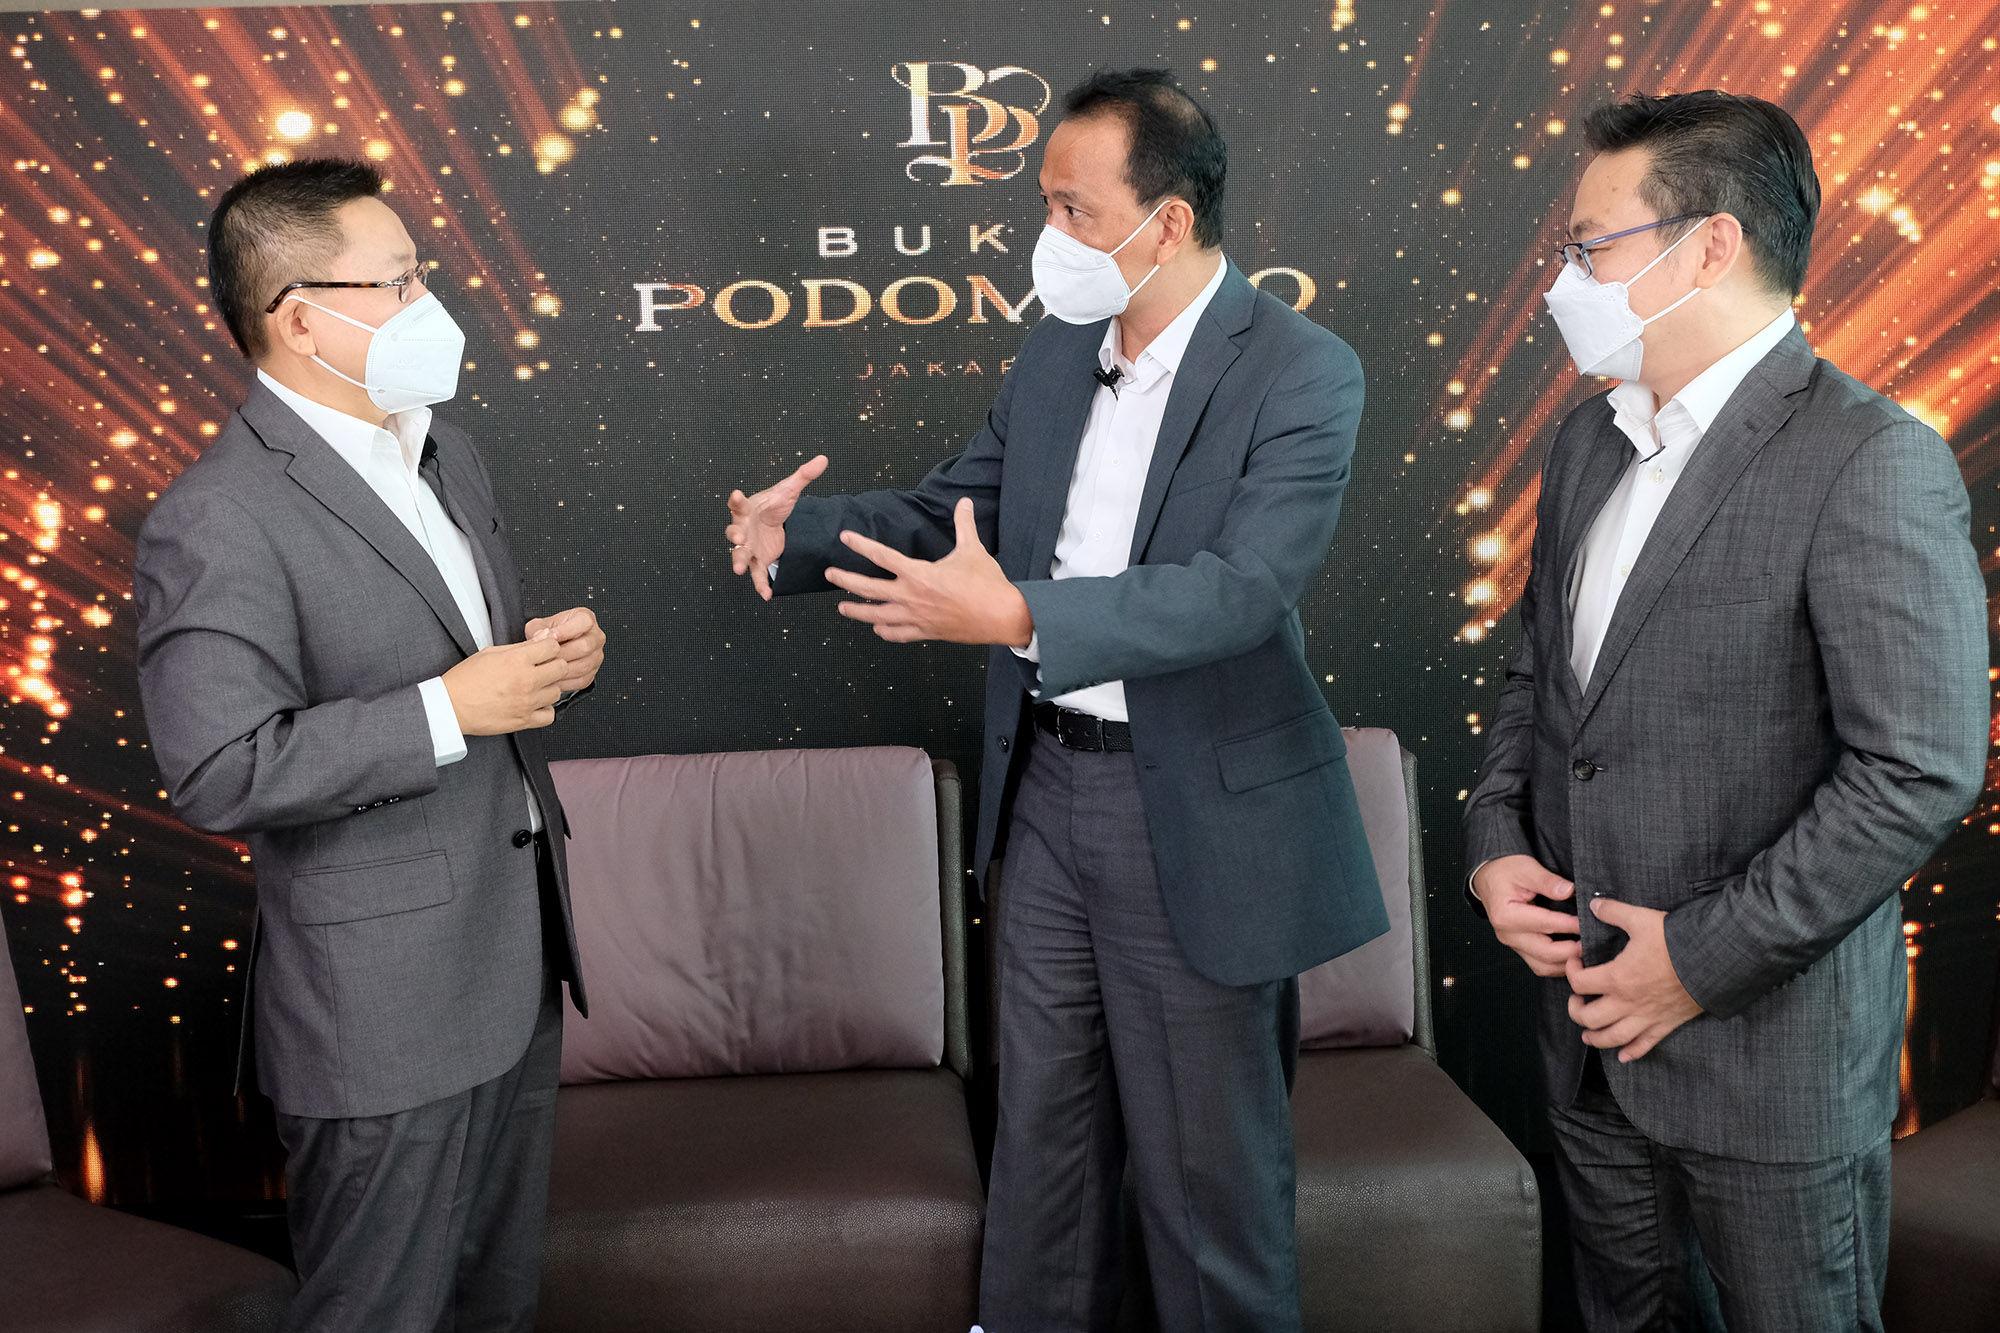 Hadirkan Hunian Eksklusif dan Premium di Jakarta, APLN Luncurkan Bukit Podomoro